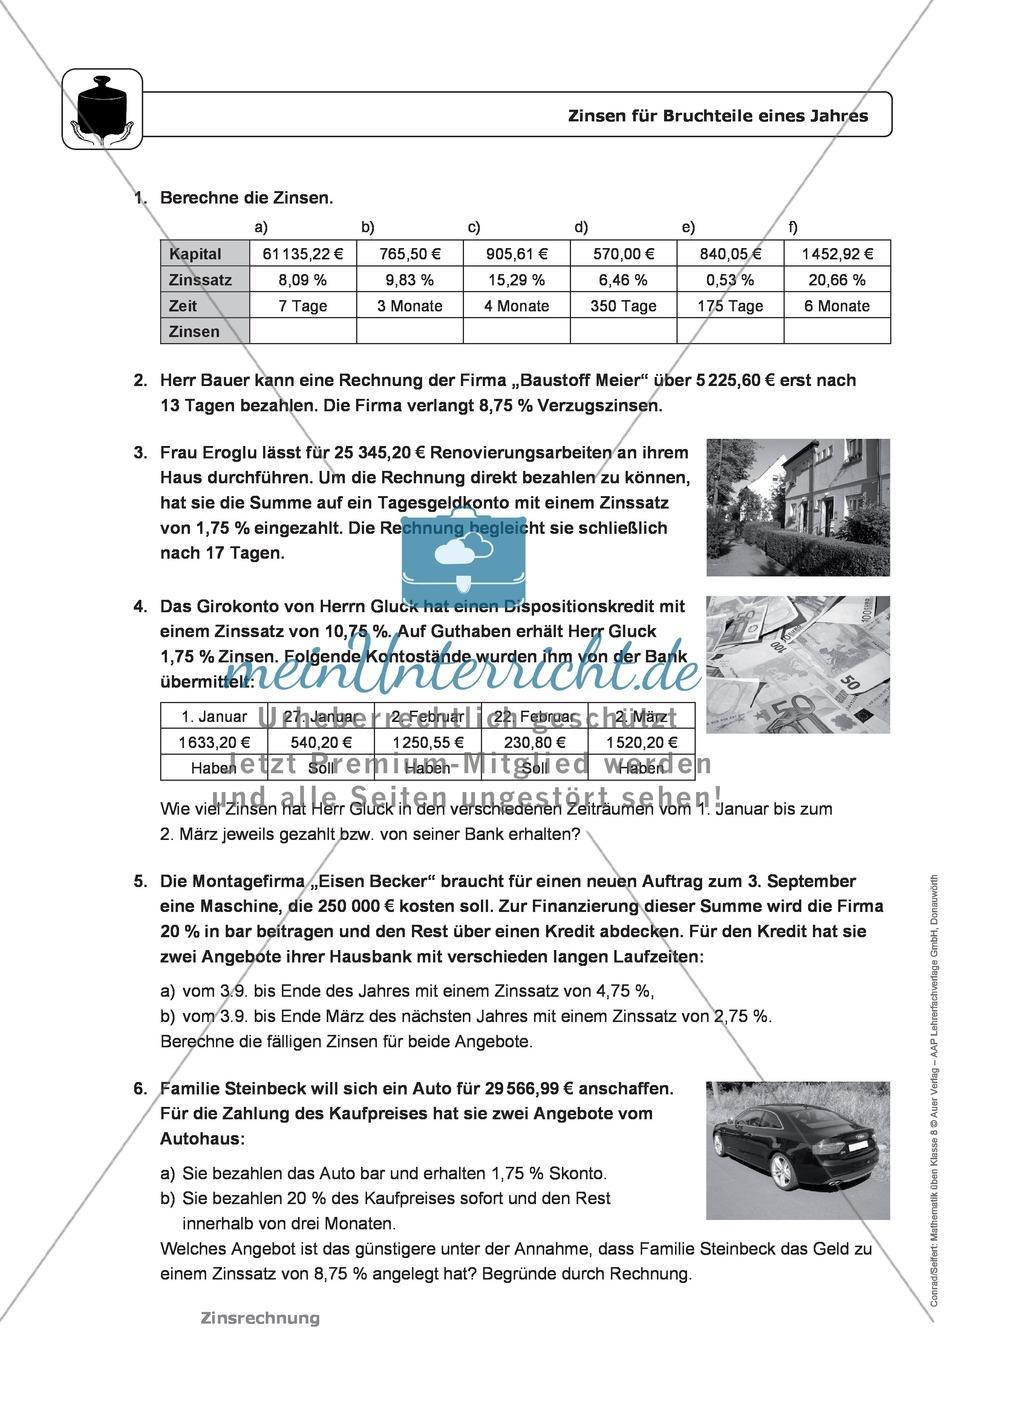 Zinsrechnung: Monatszinsen und Tageszinsen - Infotext + Beispiele + differenzierte Aufgaben + Lösungen Preview 2